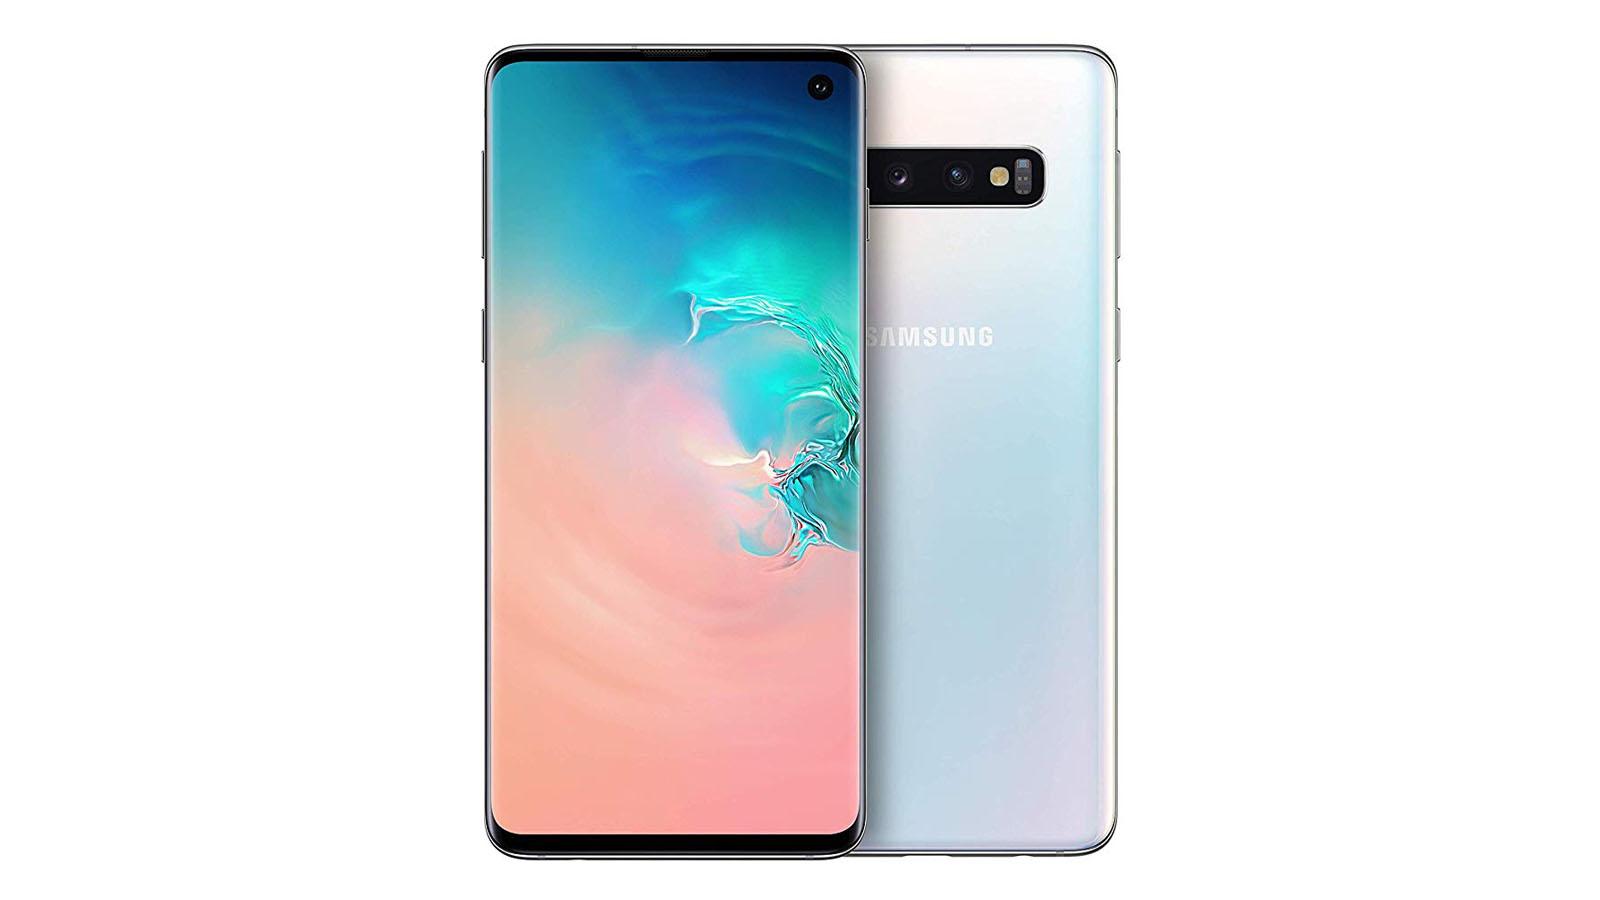 Samsung Lance Ses Propres Fonds D Ecran Adaptes A La Camera